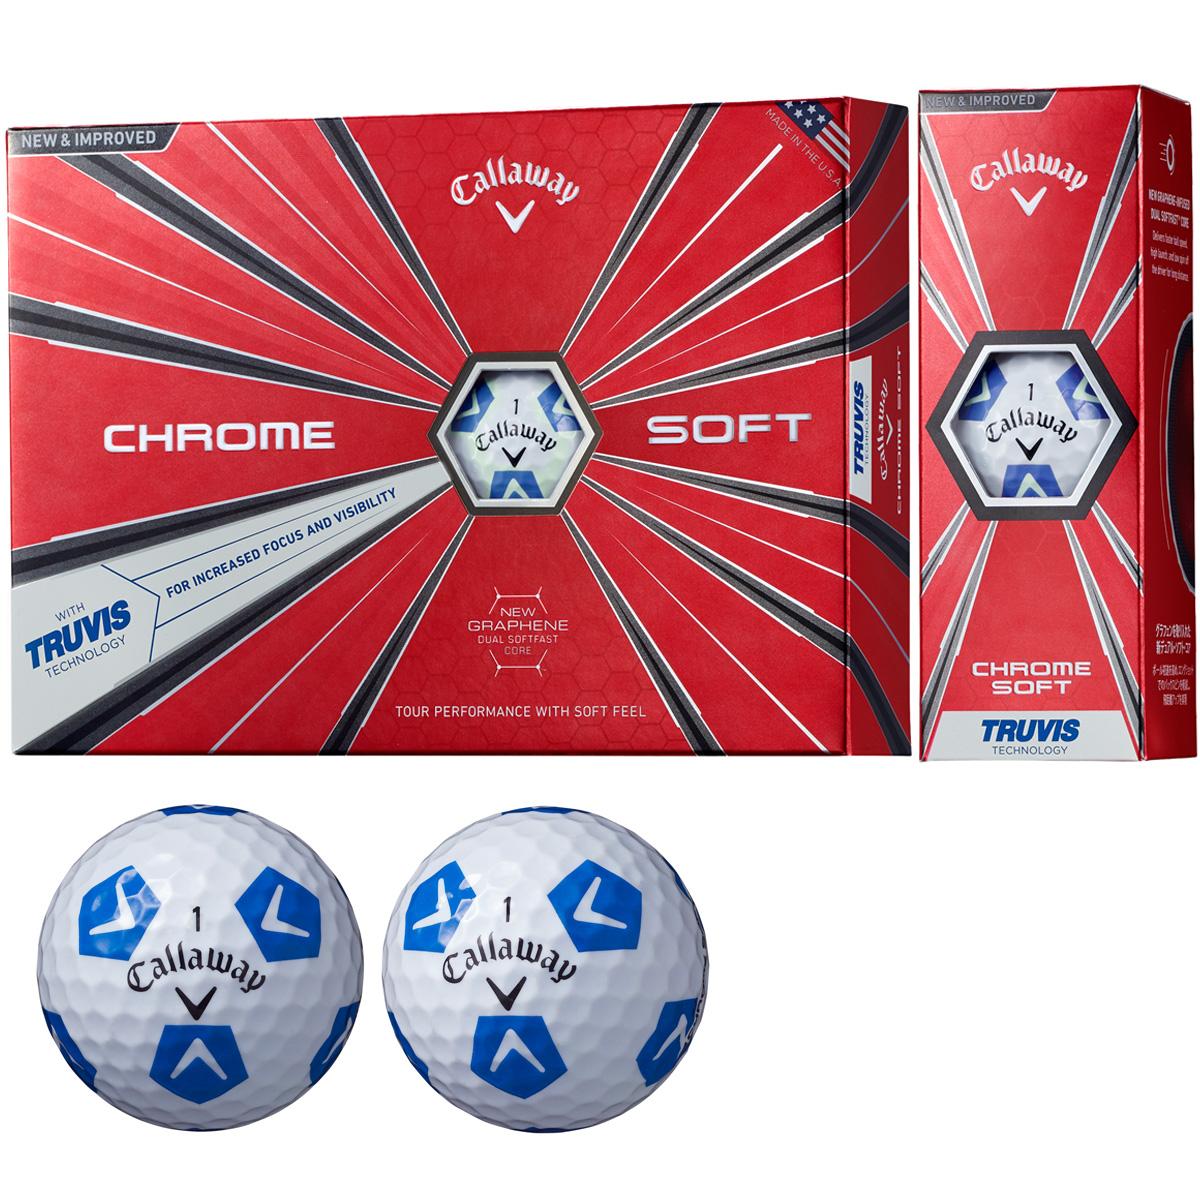 CHROME SOFT TRUVIS ボール【ホワイト/ブルー】